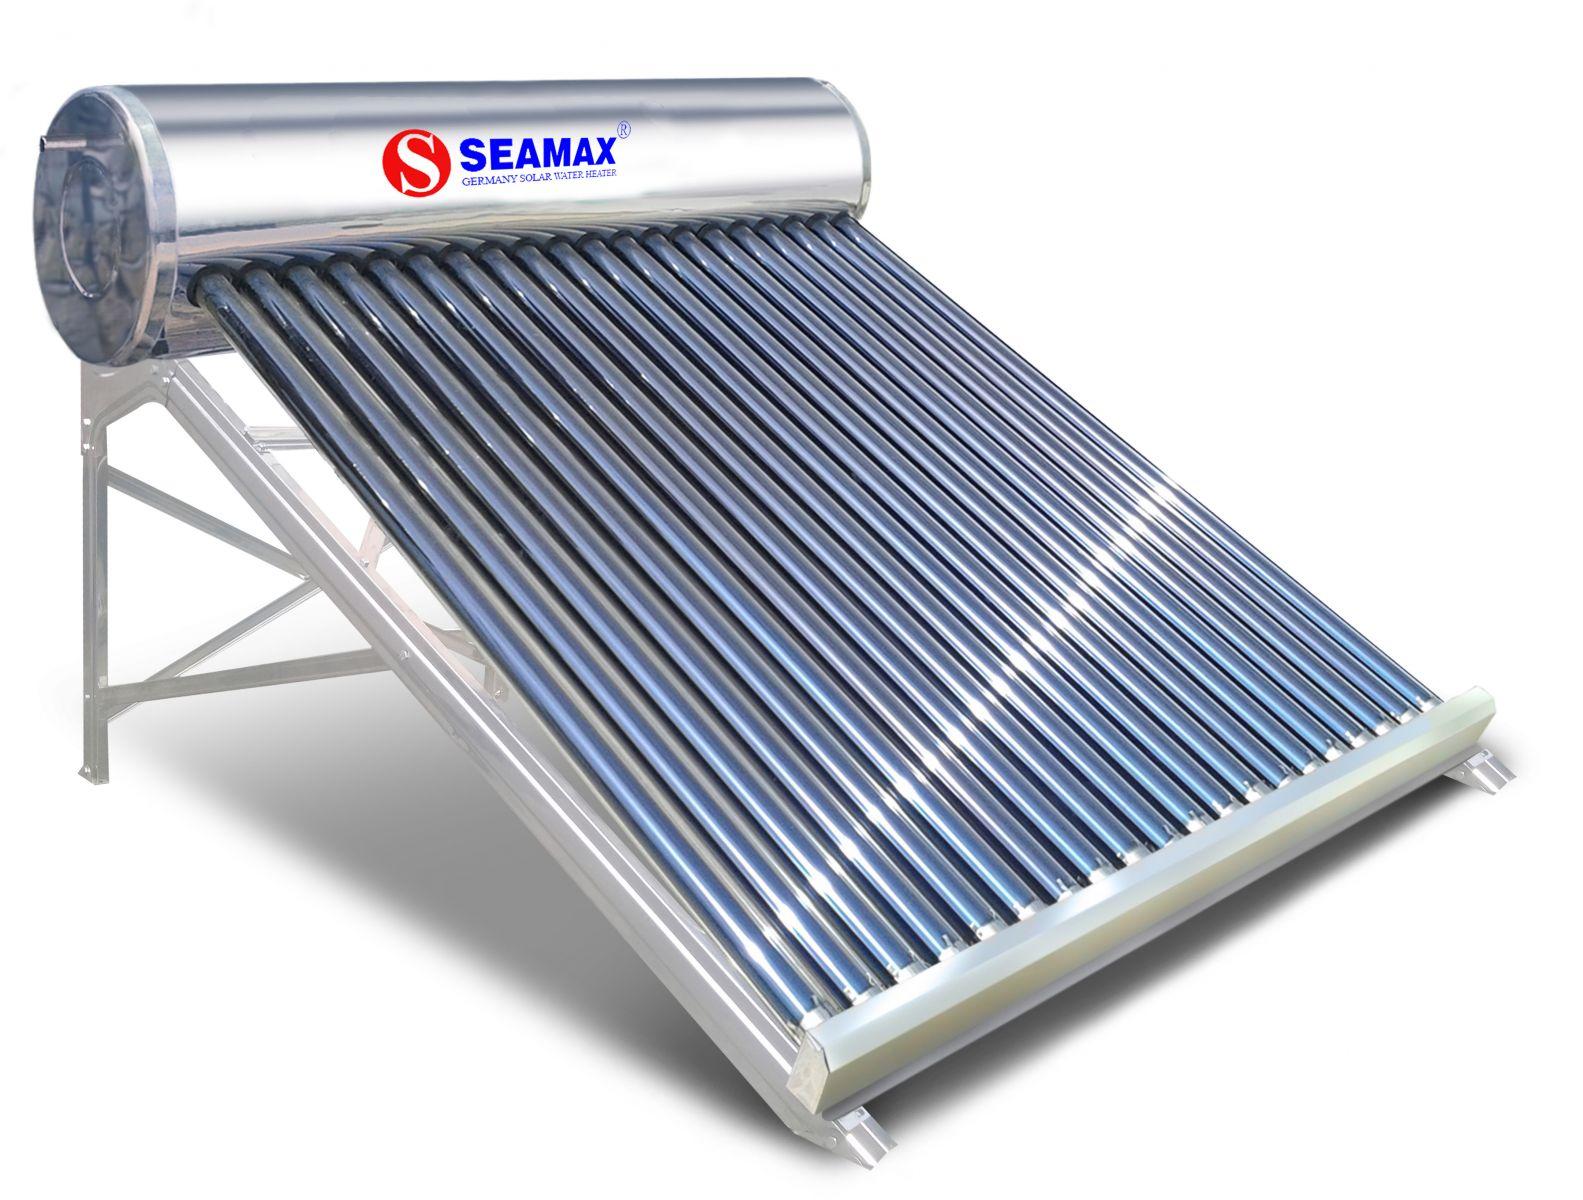 Máy năng lượng mặt trời giá rẻ